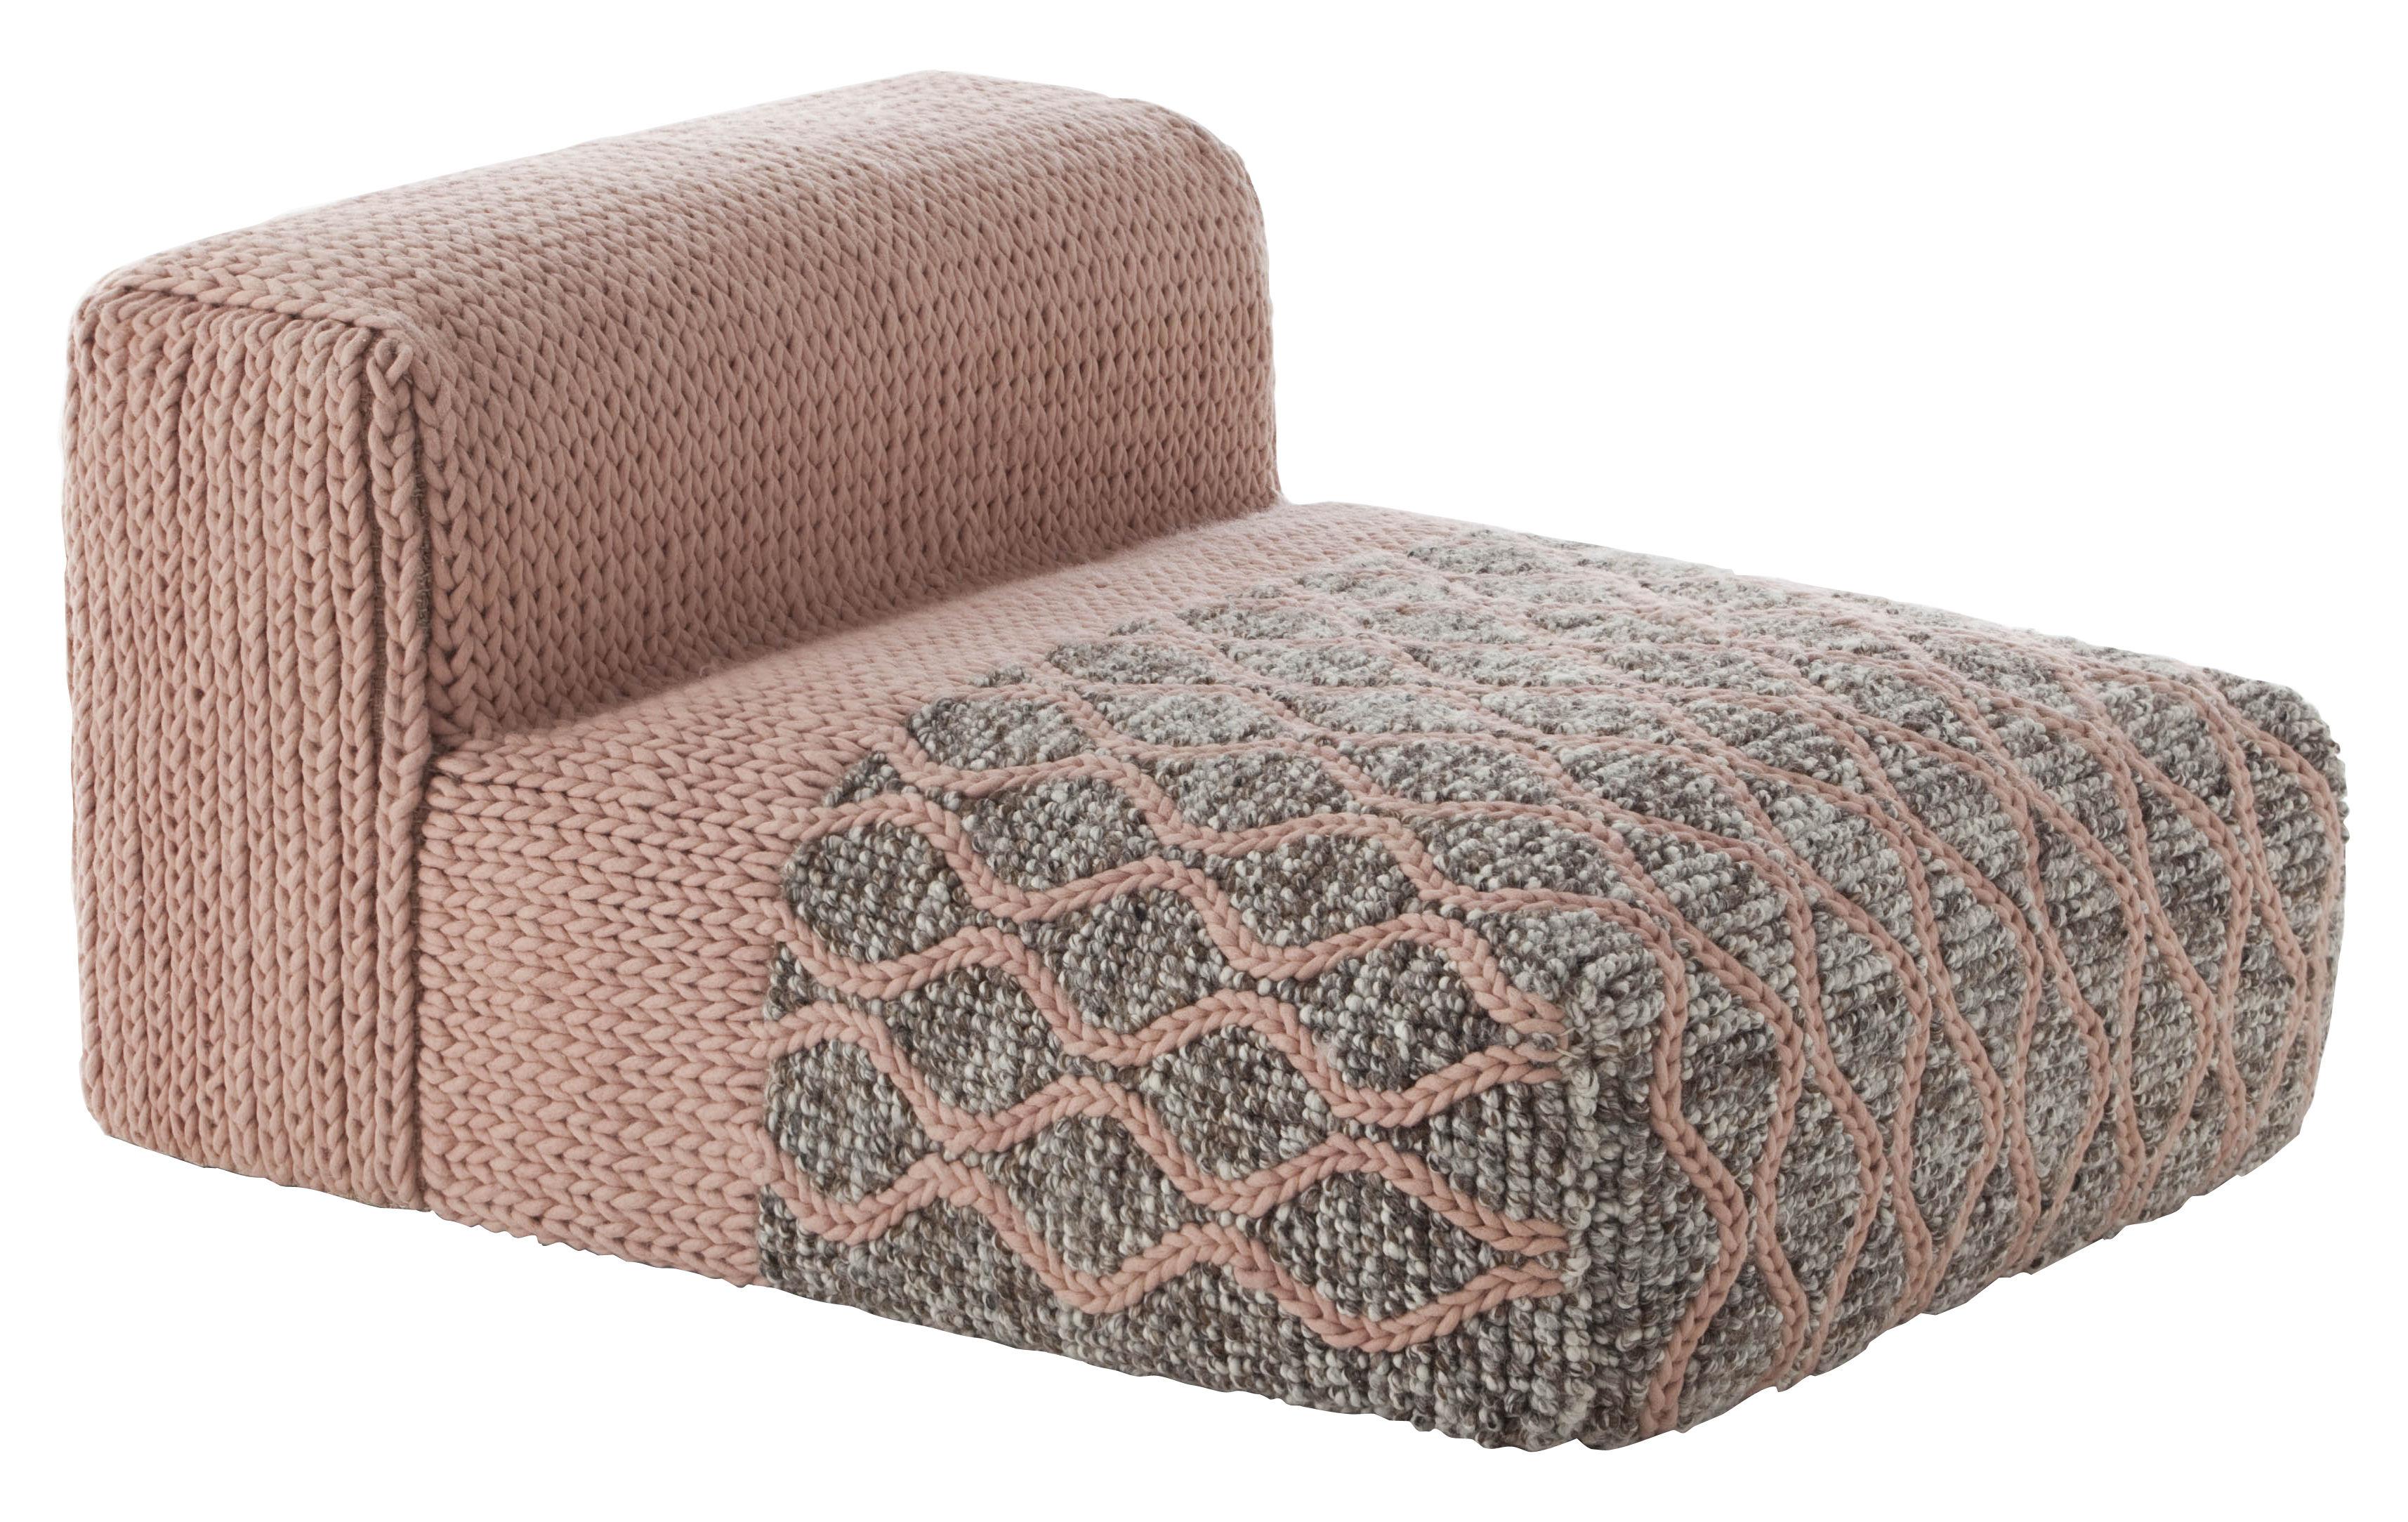 Möbel - Lounge Sessel - Mangas Space Rhombus Lounge Sessel / L 120 cm - Gan - Rosa - Laine vierge, Mousse caoutchouc